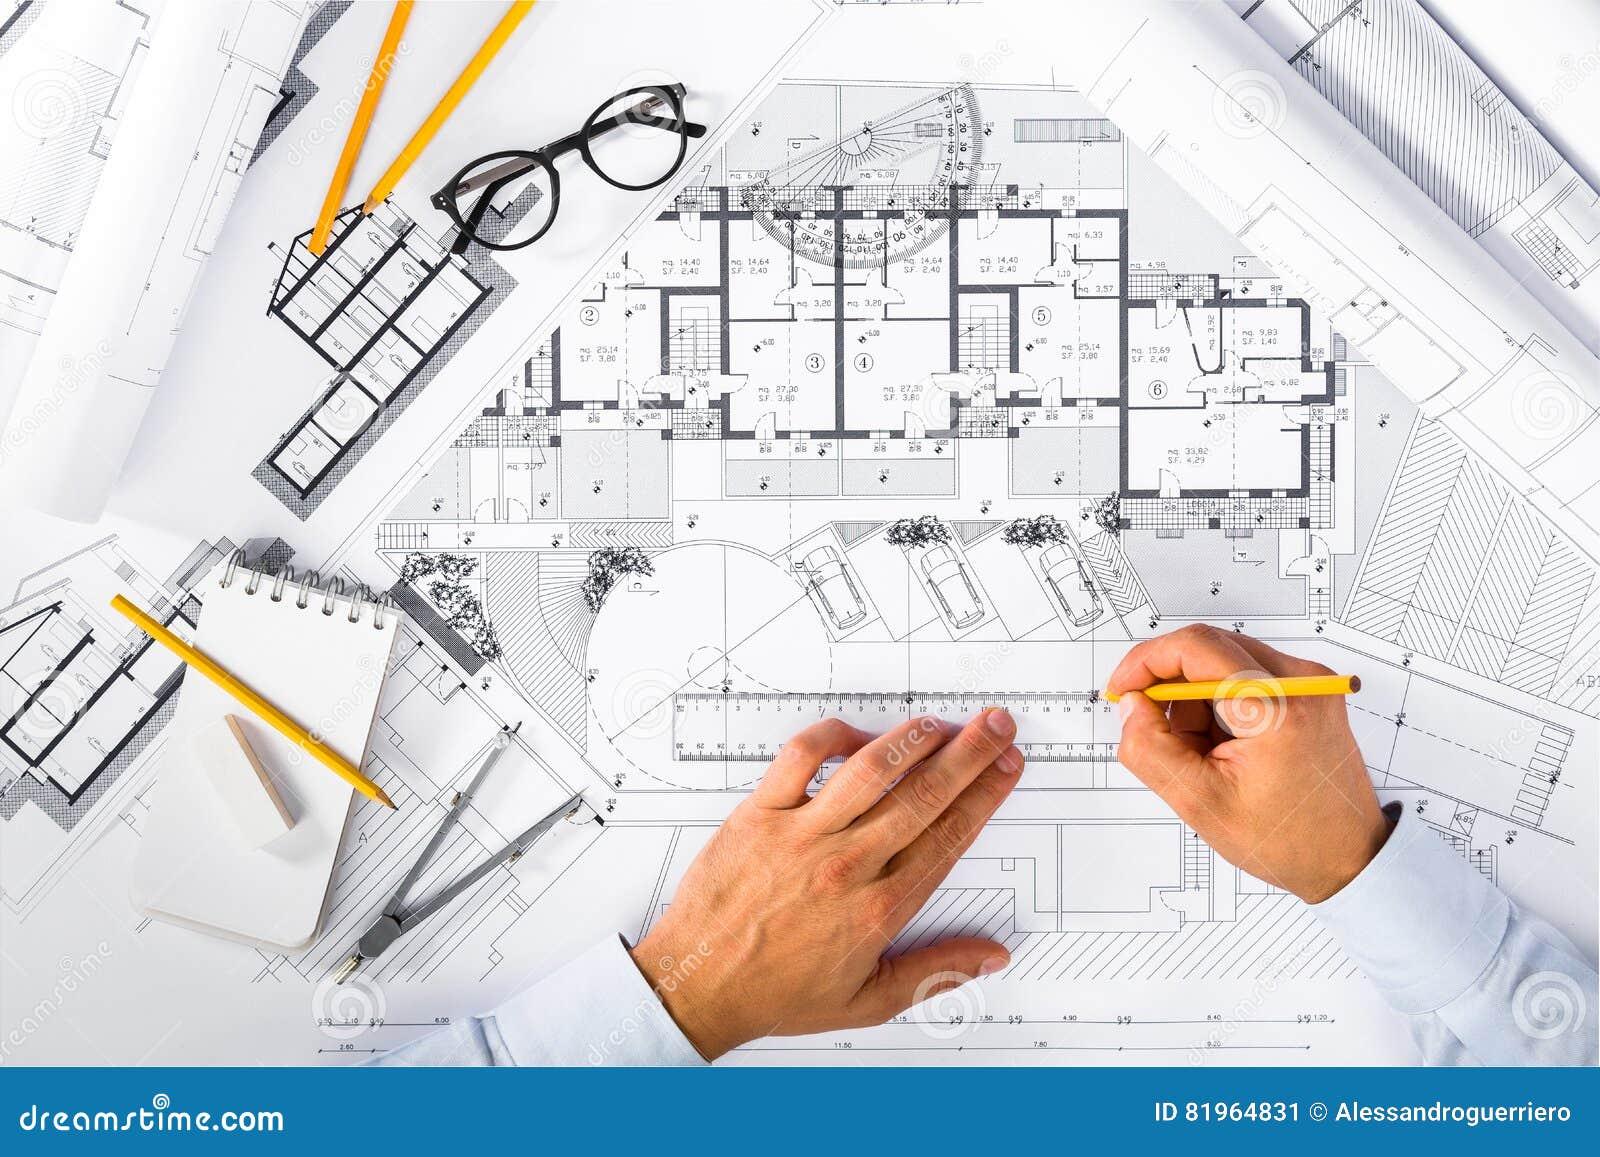 Bauplane Und Manneshande Die Auf Plane Zeichnen Stockbild Bild